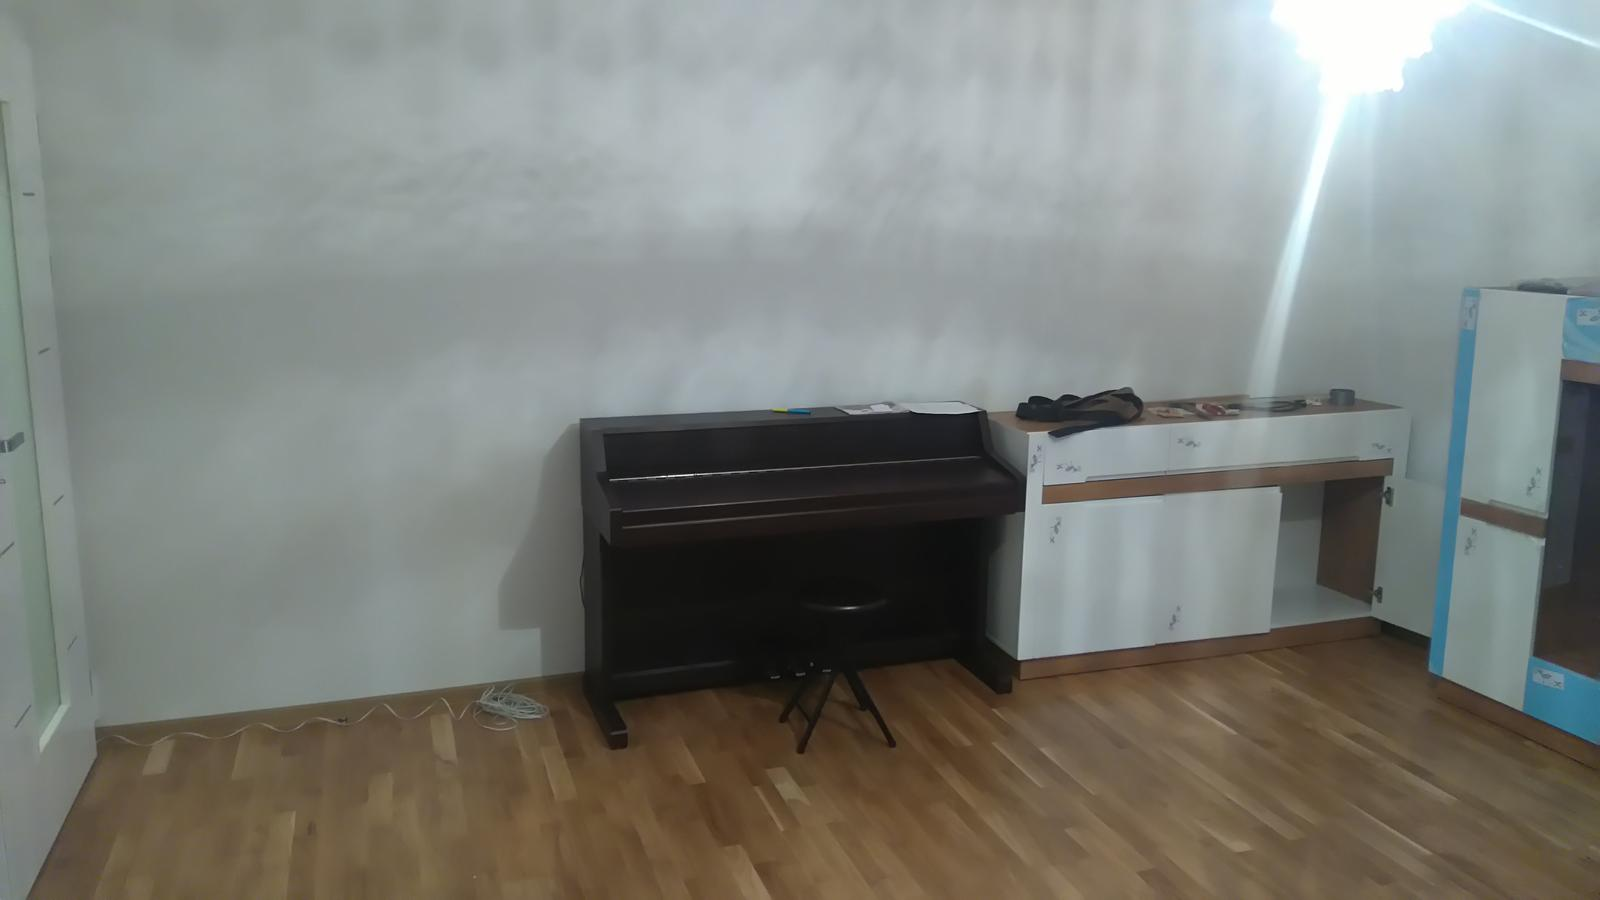 Takto vyzera klavir, komoda,... - Obrázok č. 1